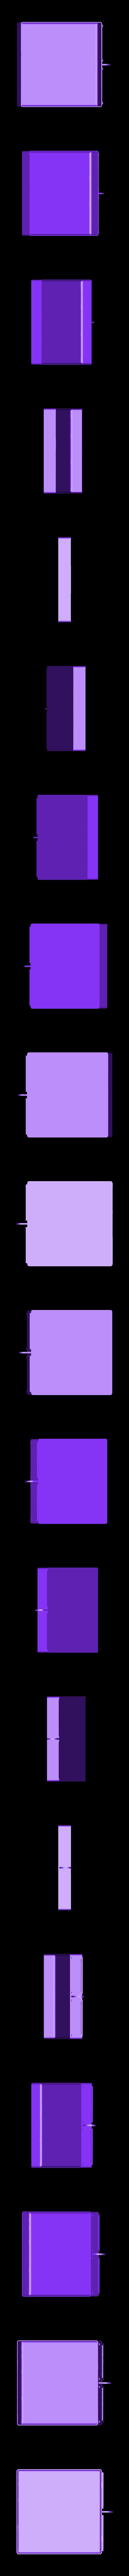 5.stl Télécharger fichier STL gratuit boîte de rangement • Design pour imprimante 3D, 1001thing3d